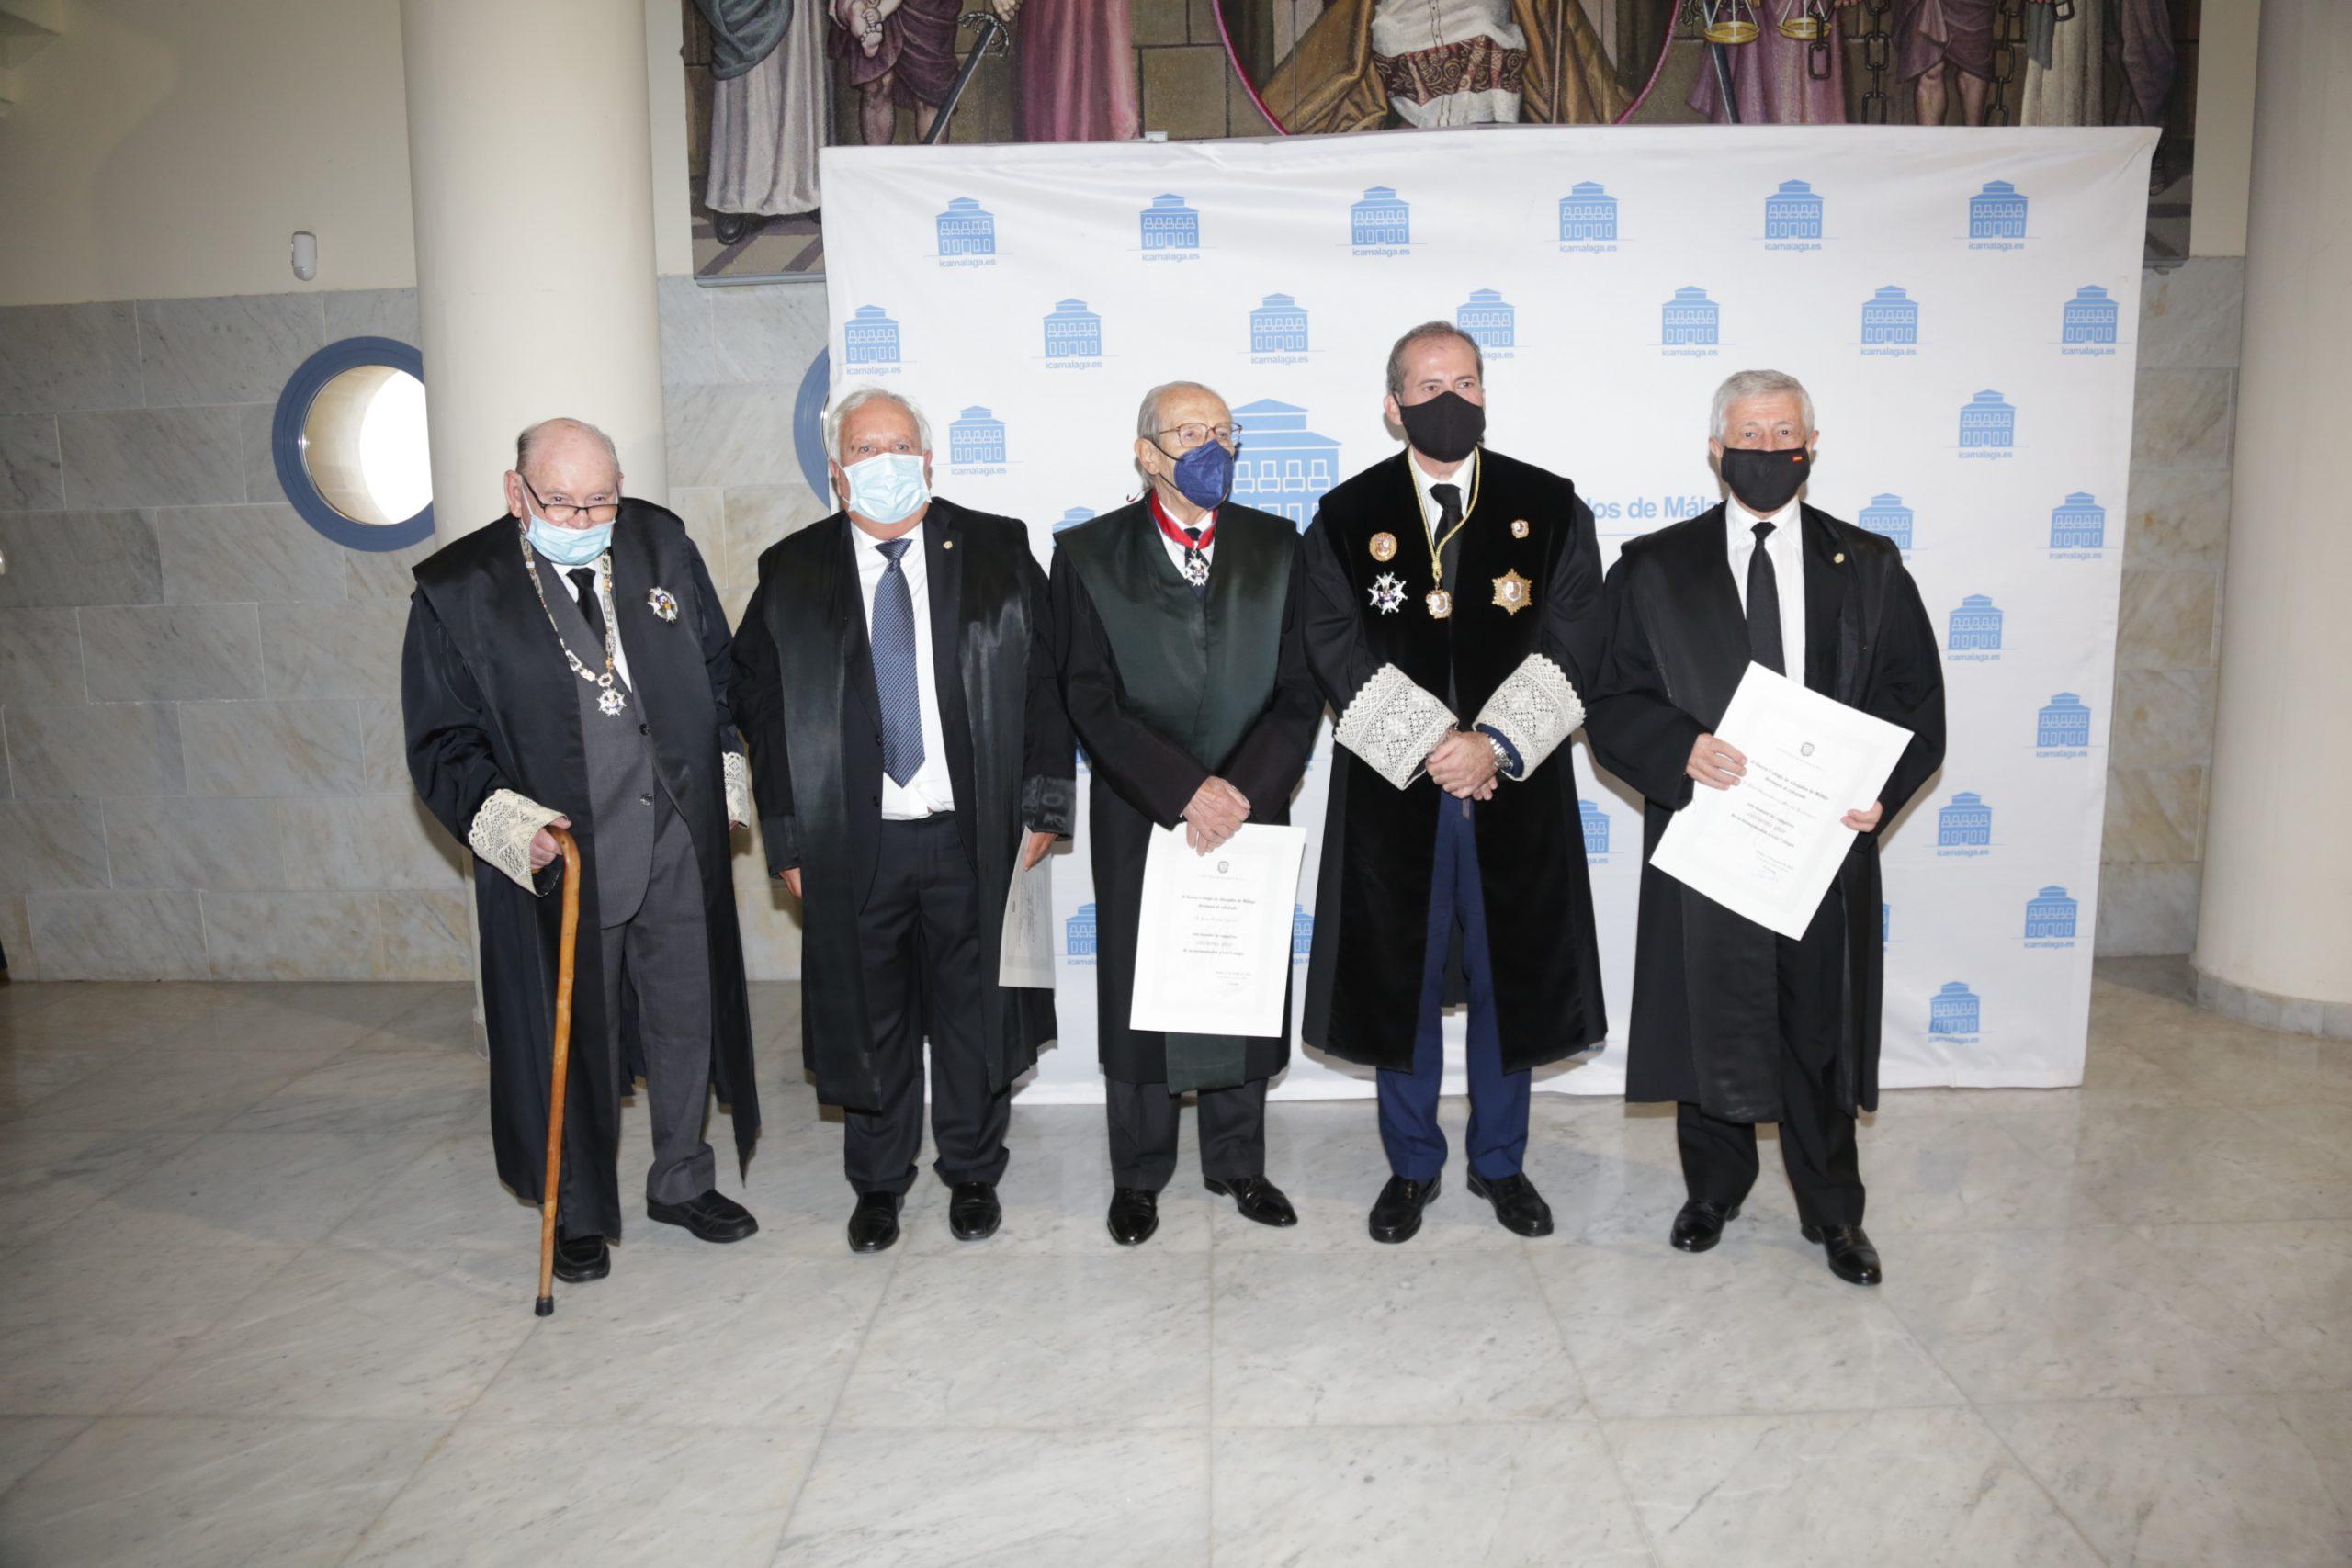 El Colegio de Abogados de Málaga rinde homenaje a los letrados que cumplen sus 'bodas de oro' colegiales